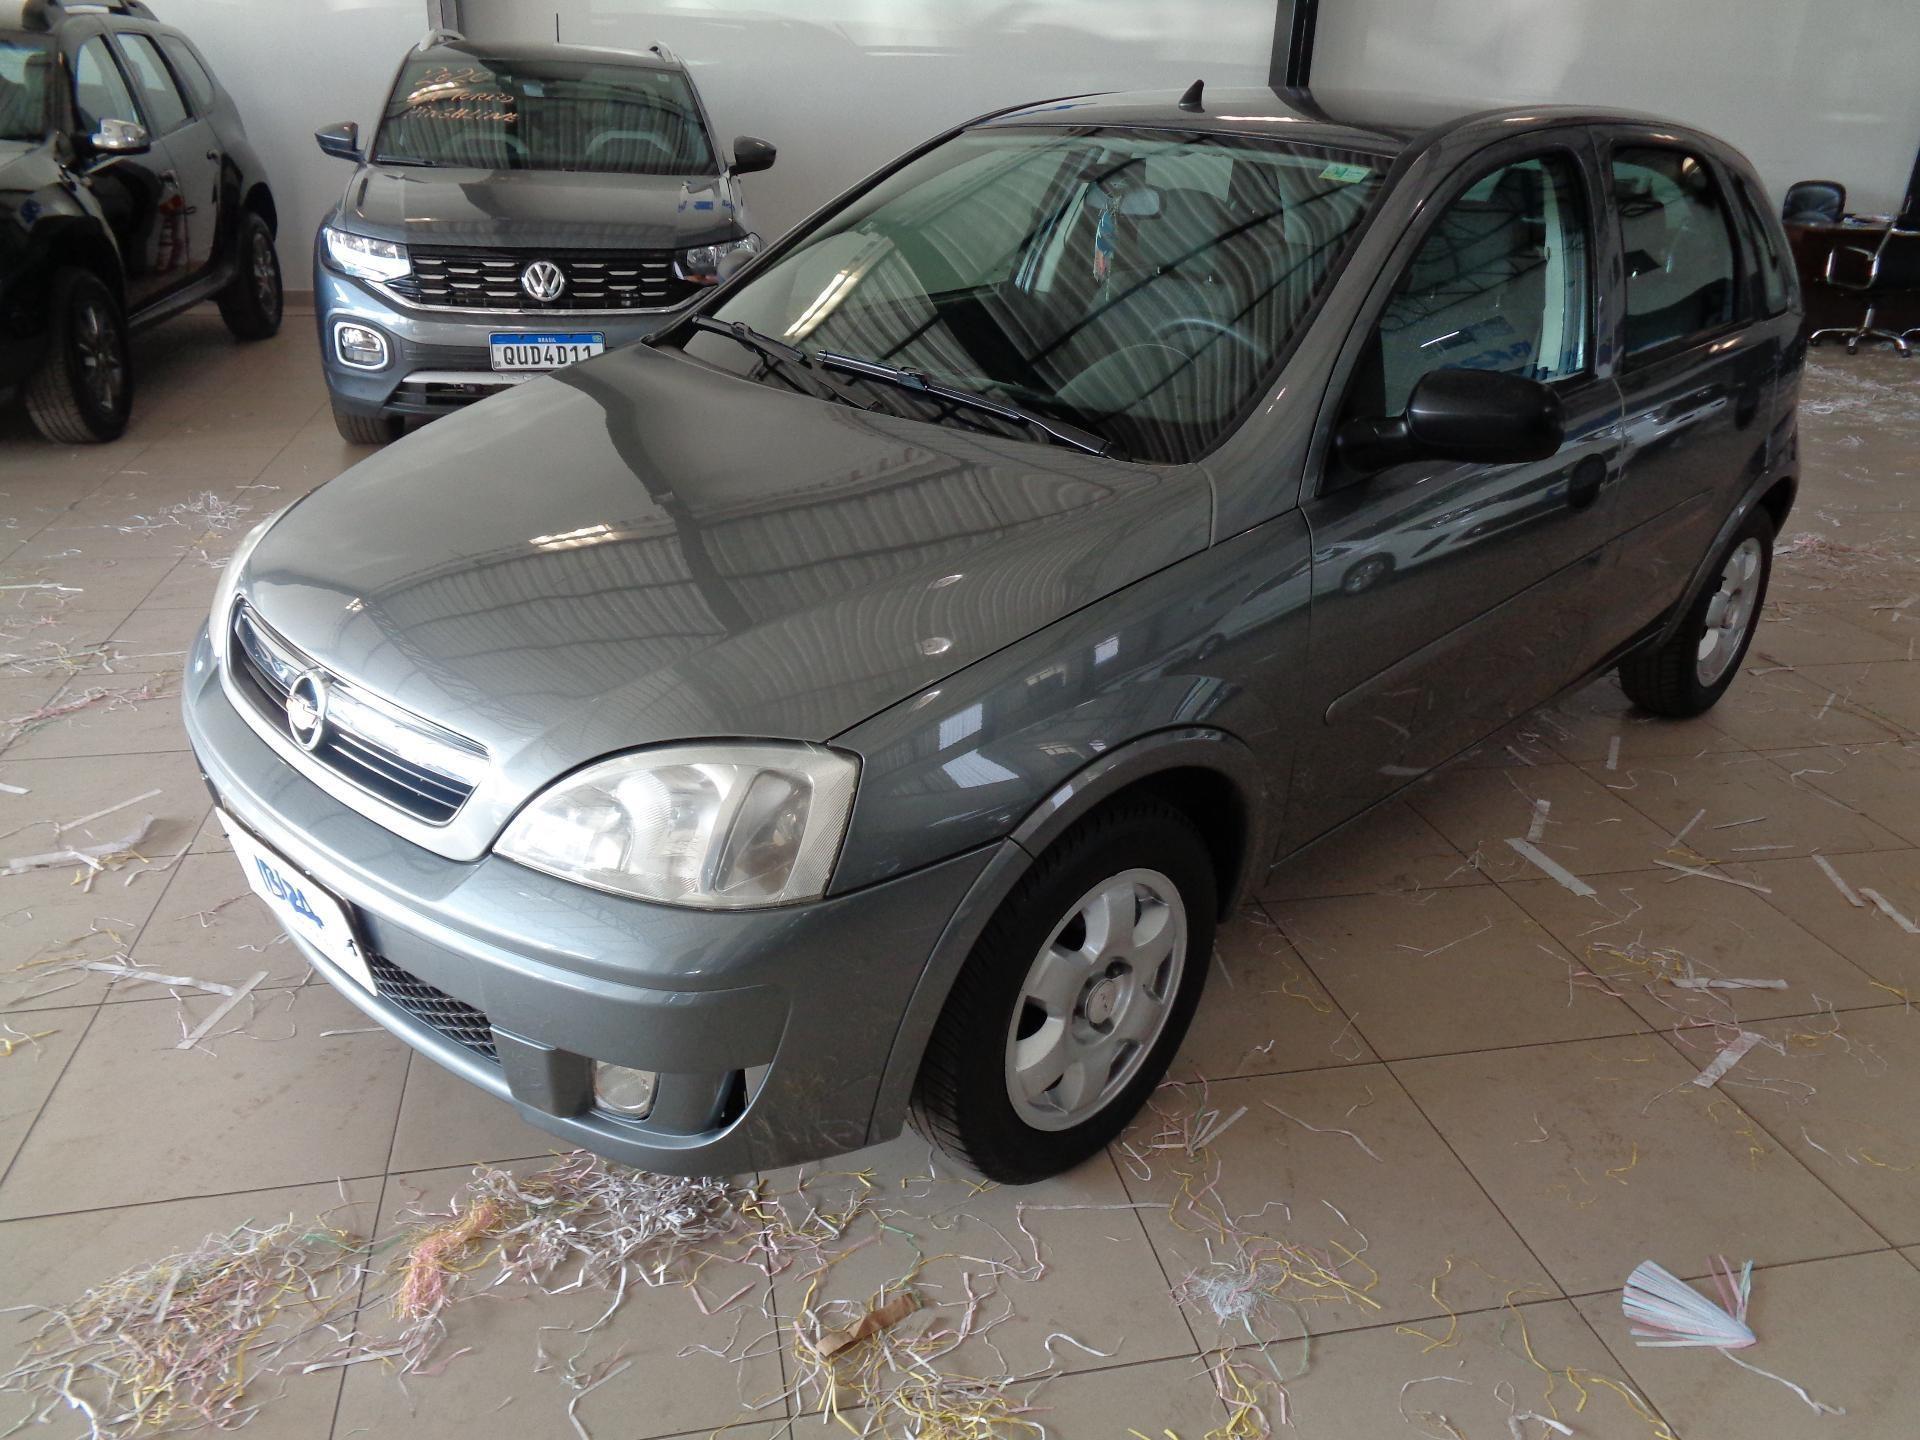 //www.autoline.com.br/carro/chevrolet/corsa-14-hatch-maxx-8v-flex-4p-manual/2012/patos-de-minas-mg/15337271